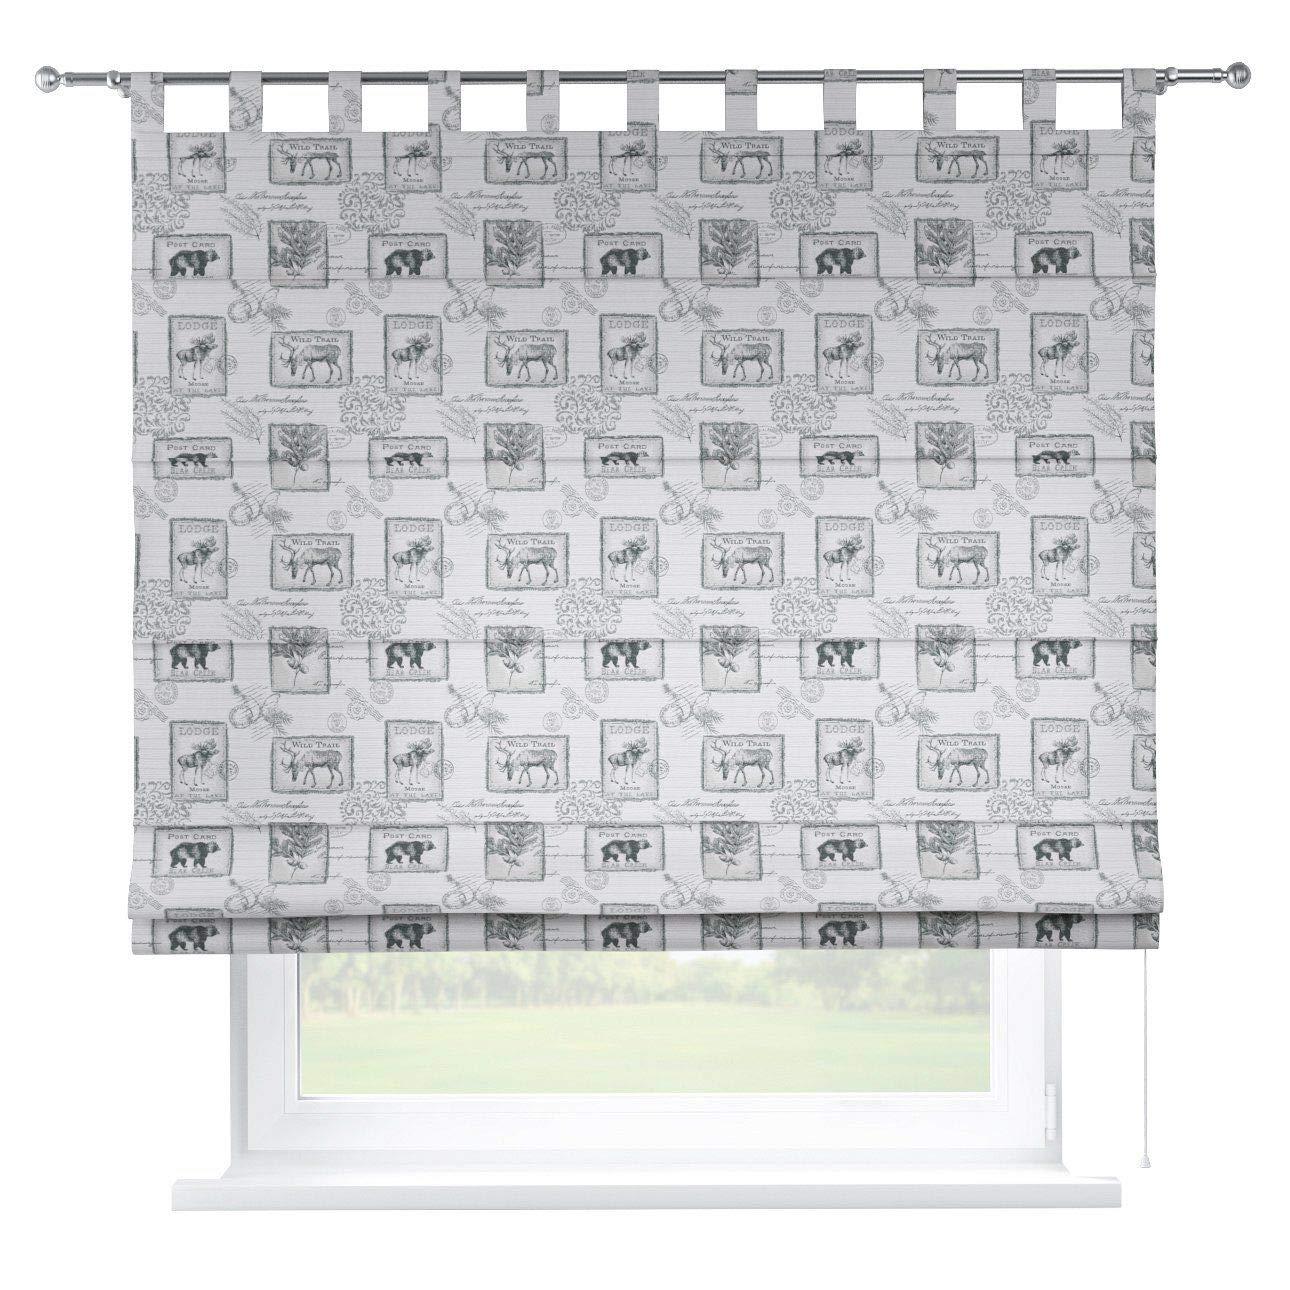 Dekoria Raffrollo Verona ohne Bohren Blickdicht Faltvorhang Raffgardine Wohnzimmer Schlafzimmer Kinderzimmer 130 × 170 cm grau Raffrollos auf Maß maßanfertigung möglich